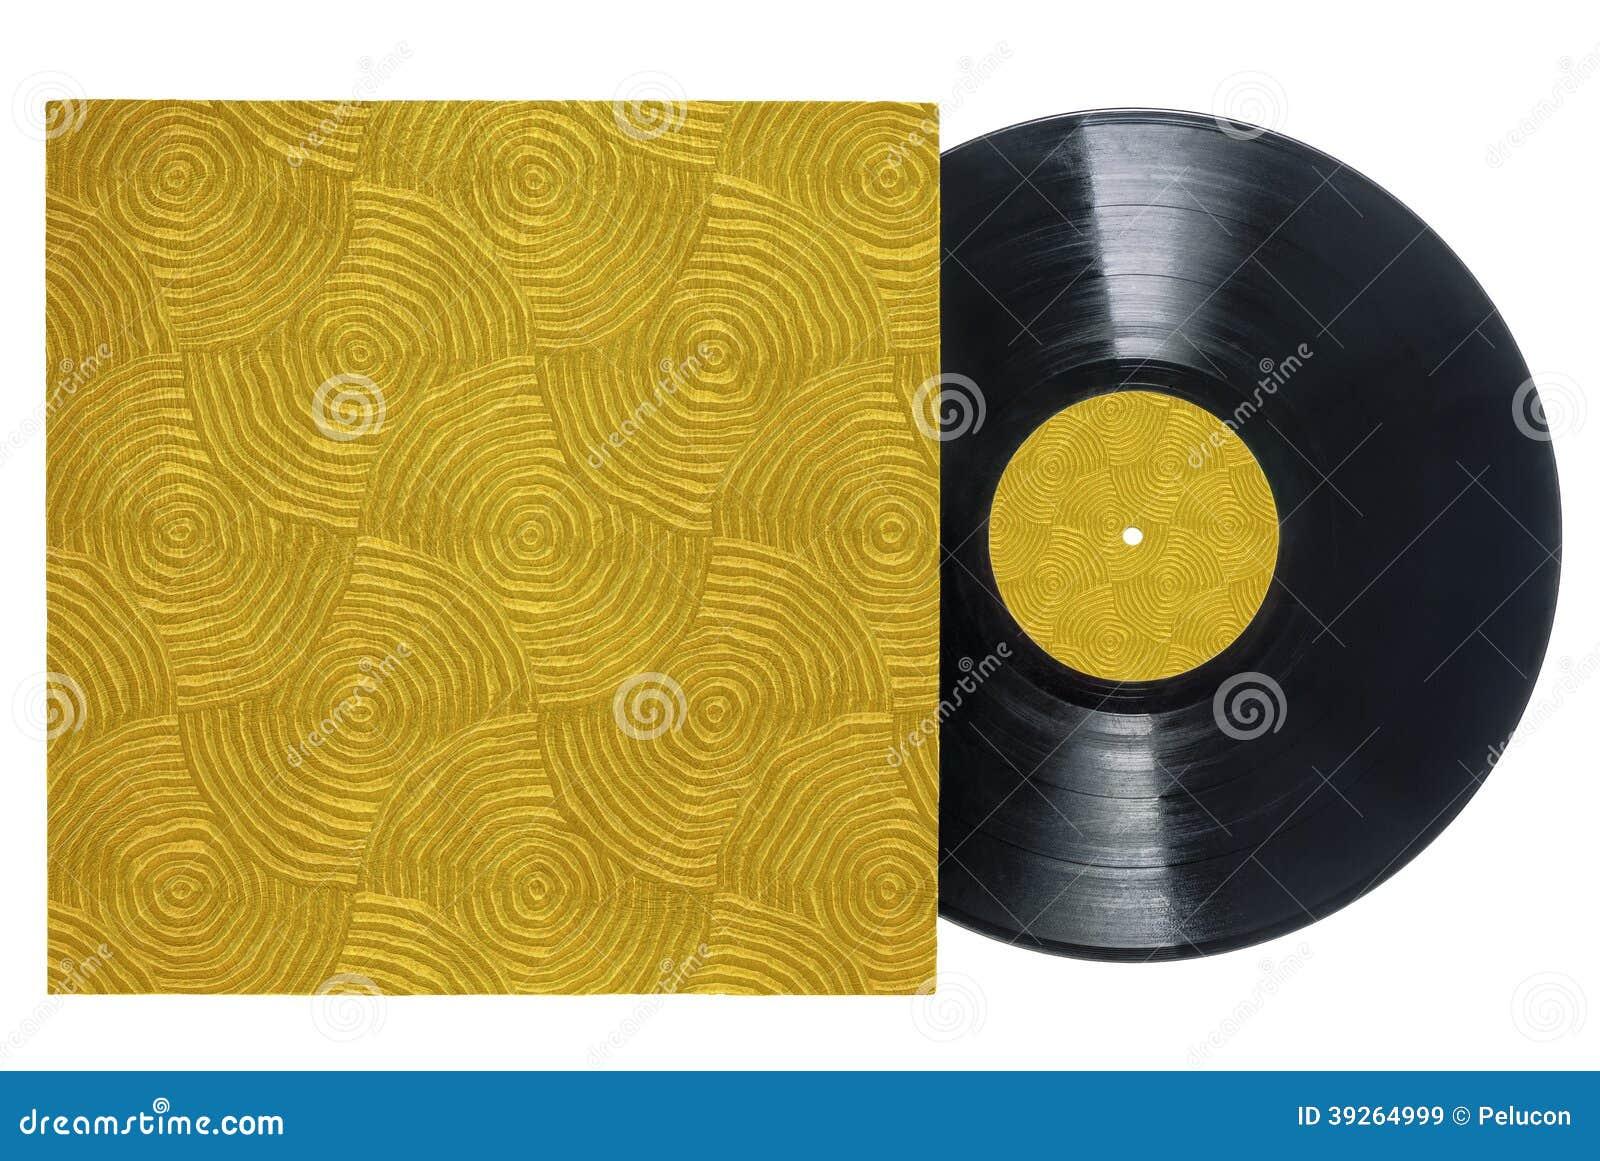 Retro Vinyl Record With Groove Textured Sleeve Stock